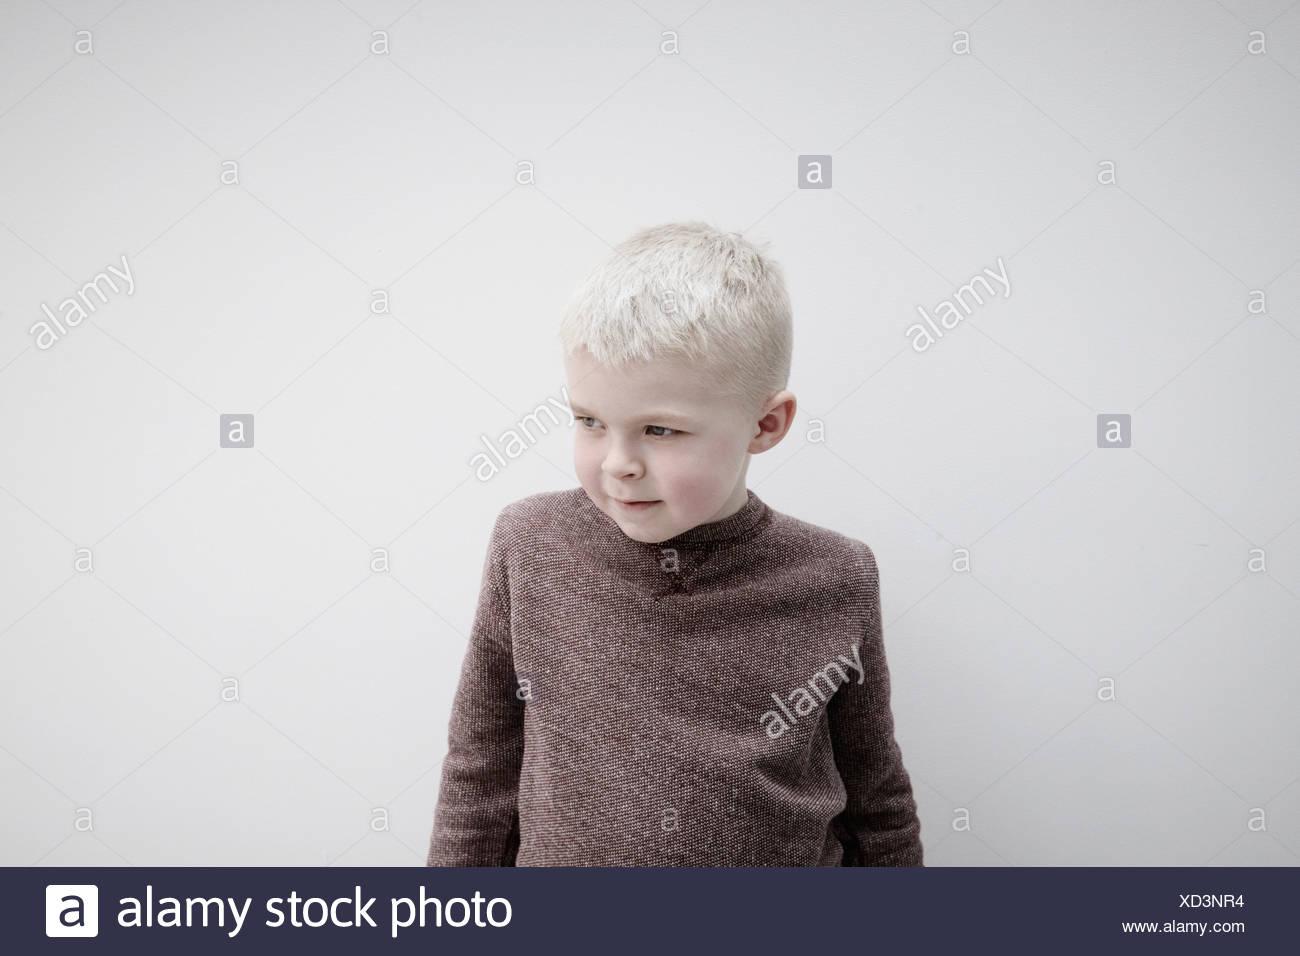 Retrato de niño usando brown puente, mirando a otro lado Imagen De Stock